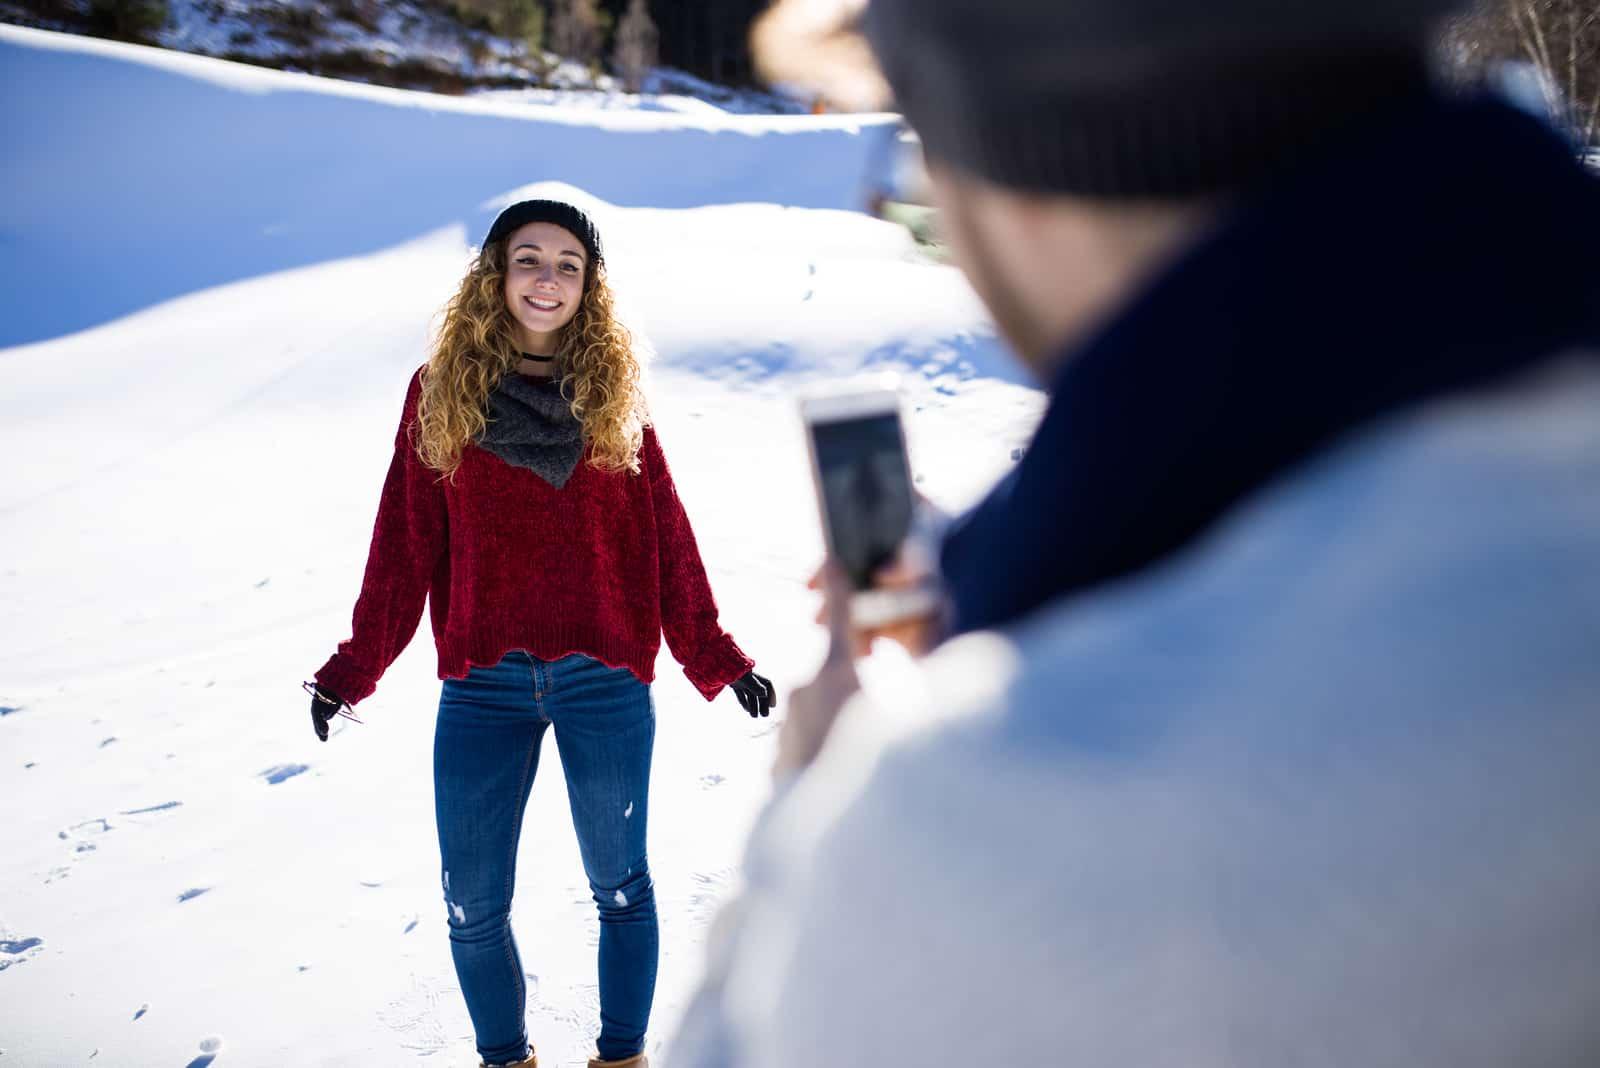 Ein Mann malt eine lächelnde Frau im Schnee